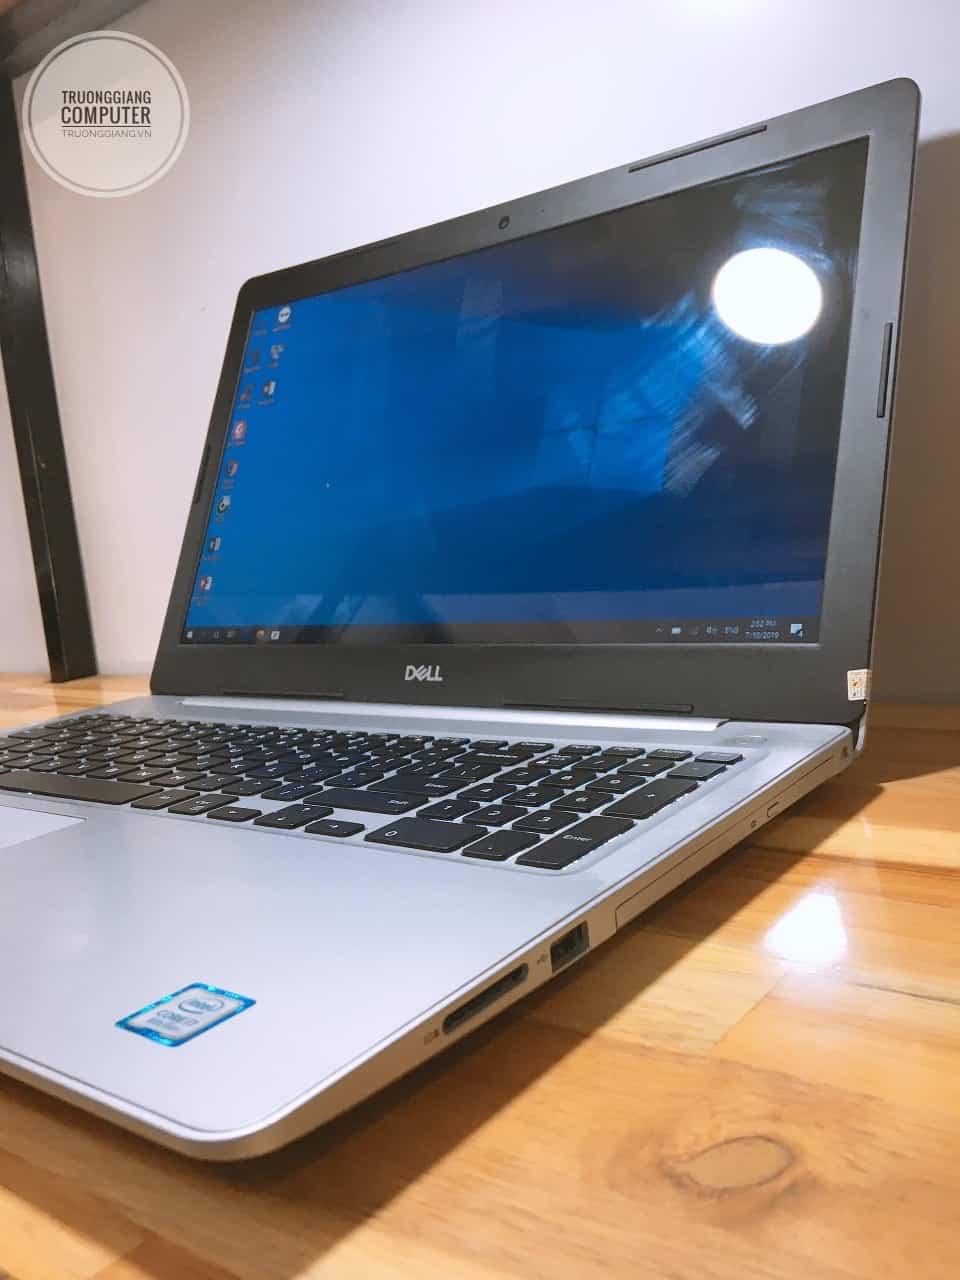 Các cổng kết nối cạnh phải laptop Dell Inspiron 5570 i7